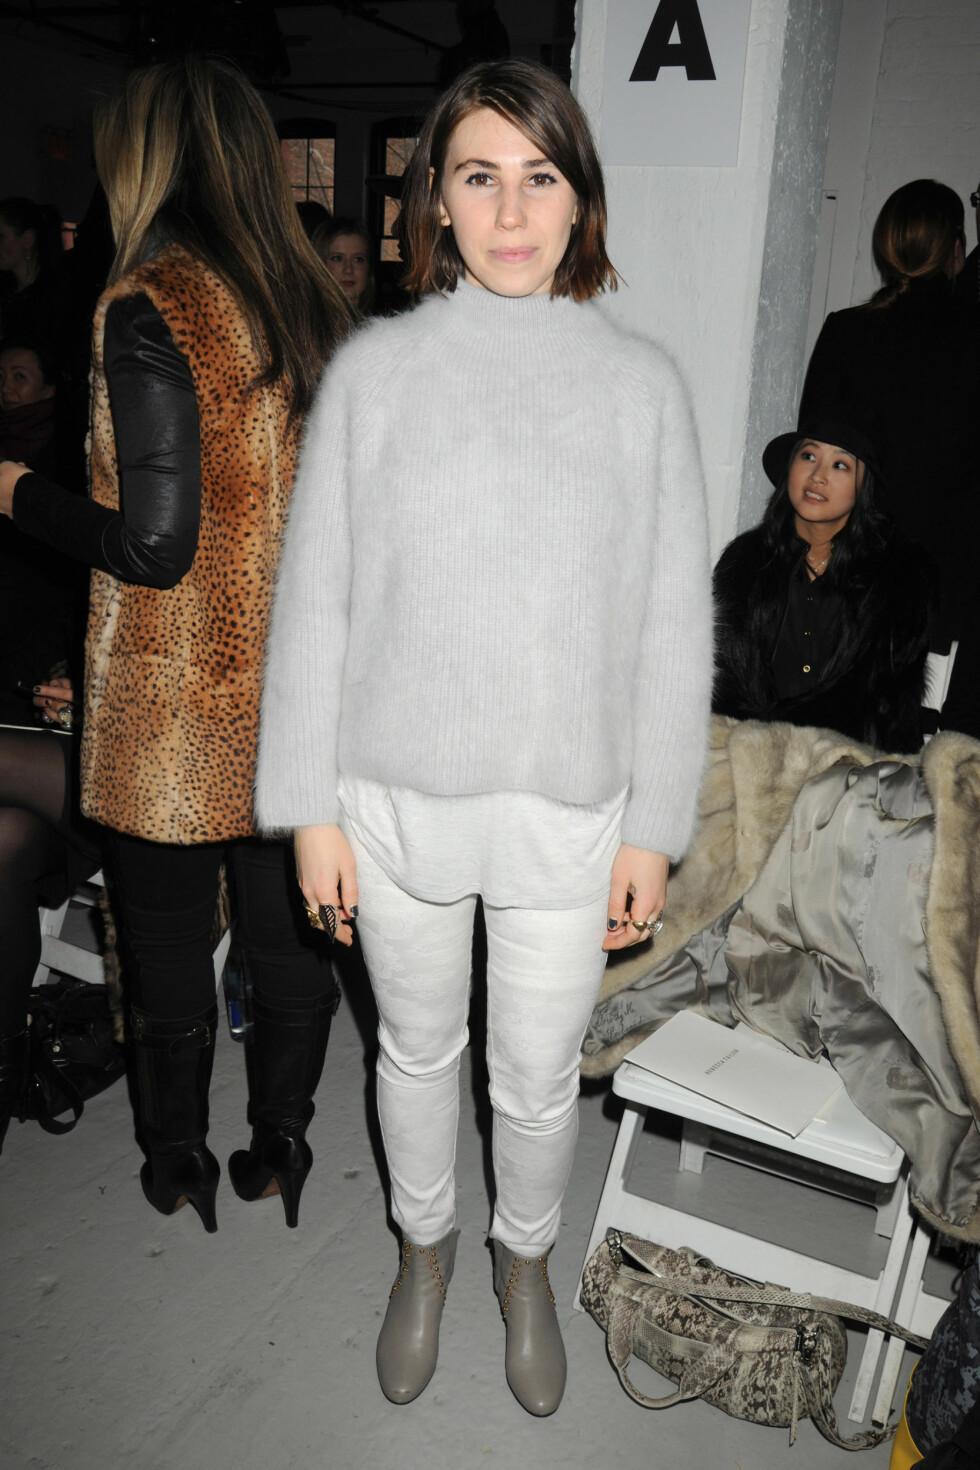 """I en annen anledning hadde """"Girls""""-skuespilleren Zosia Mamet på seg hvite bukser, en grå strikkgenser og grå ankelstøvletter. Foto: All Over Press"""